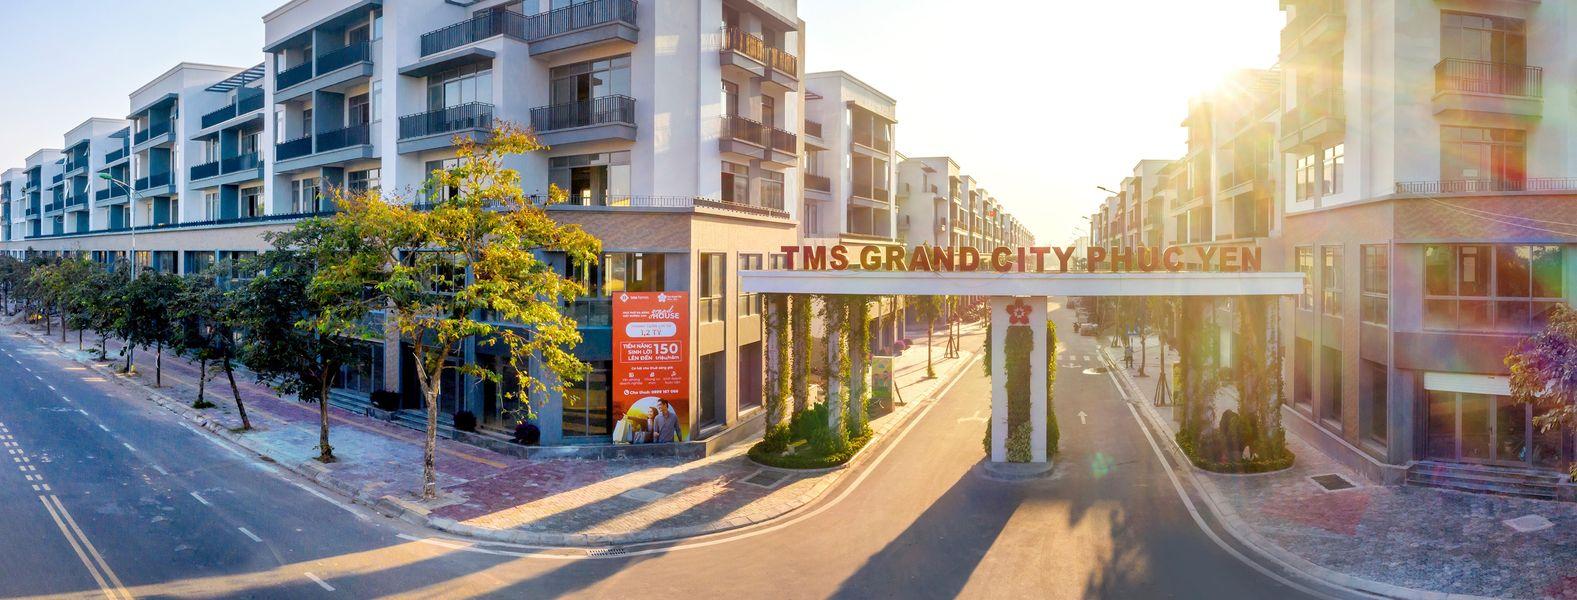 du-an-tms-phuc-yen-grand-city